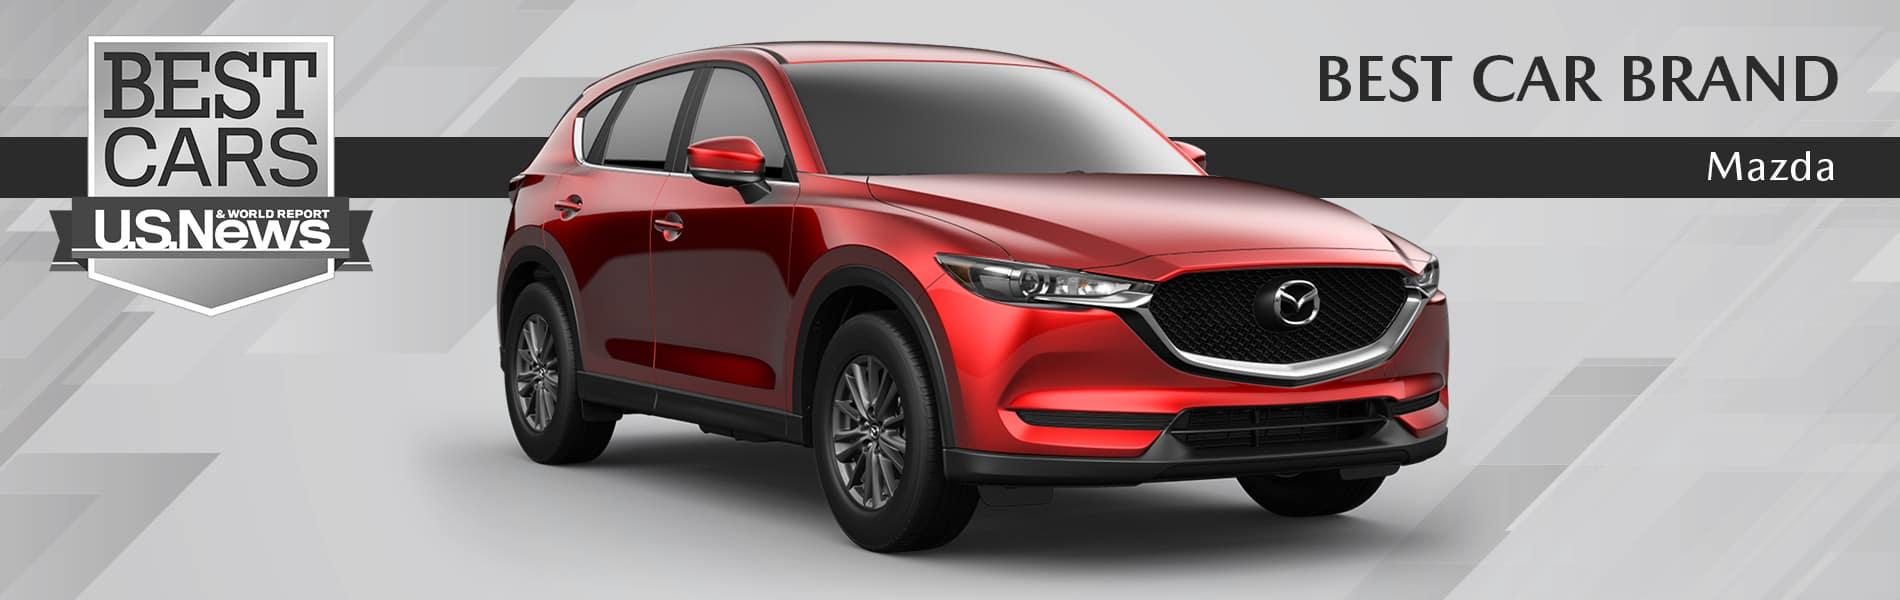 Mazda Best Car Brand - Mazda of Bedford - Bedford, OH